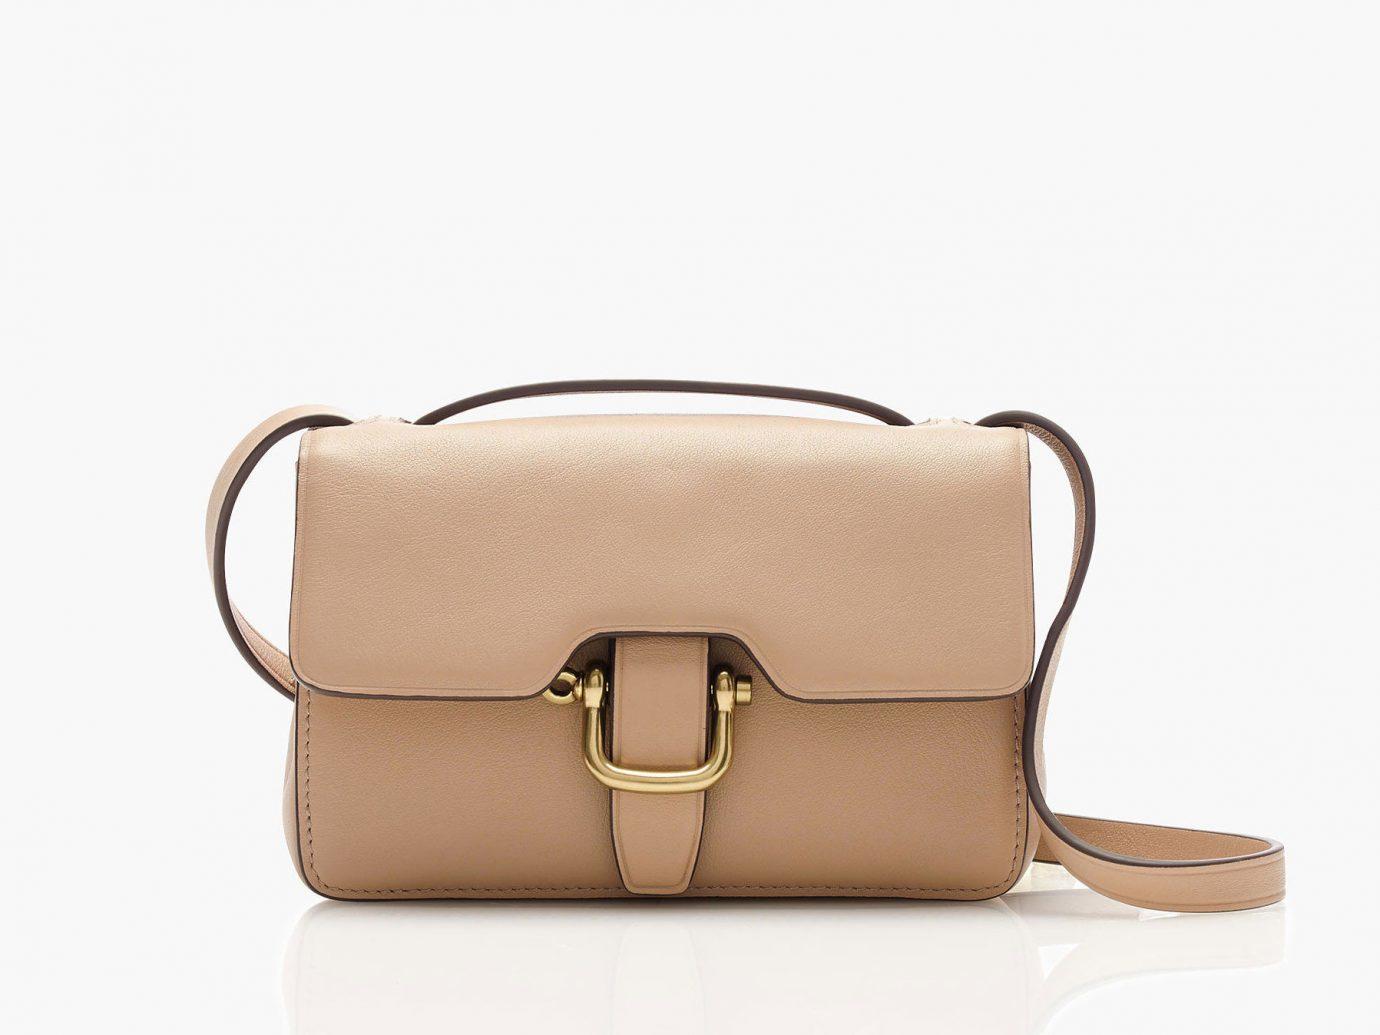 Style + Design handbag accessory bag indoor brown case shoulder bag leather brand beige